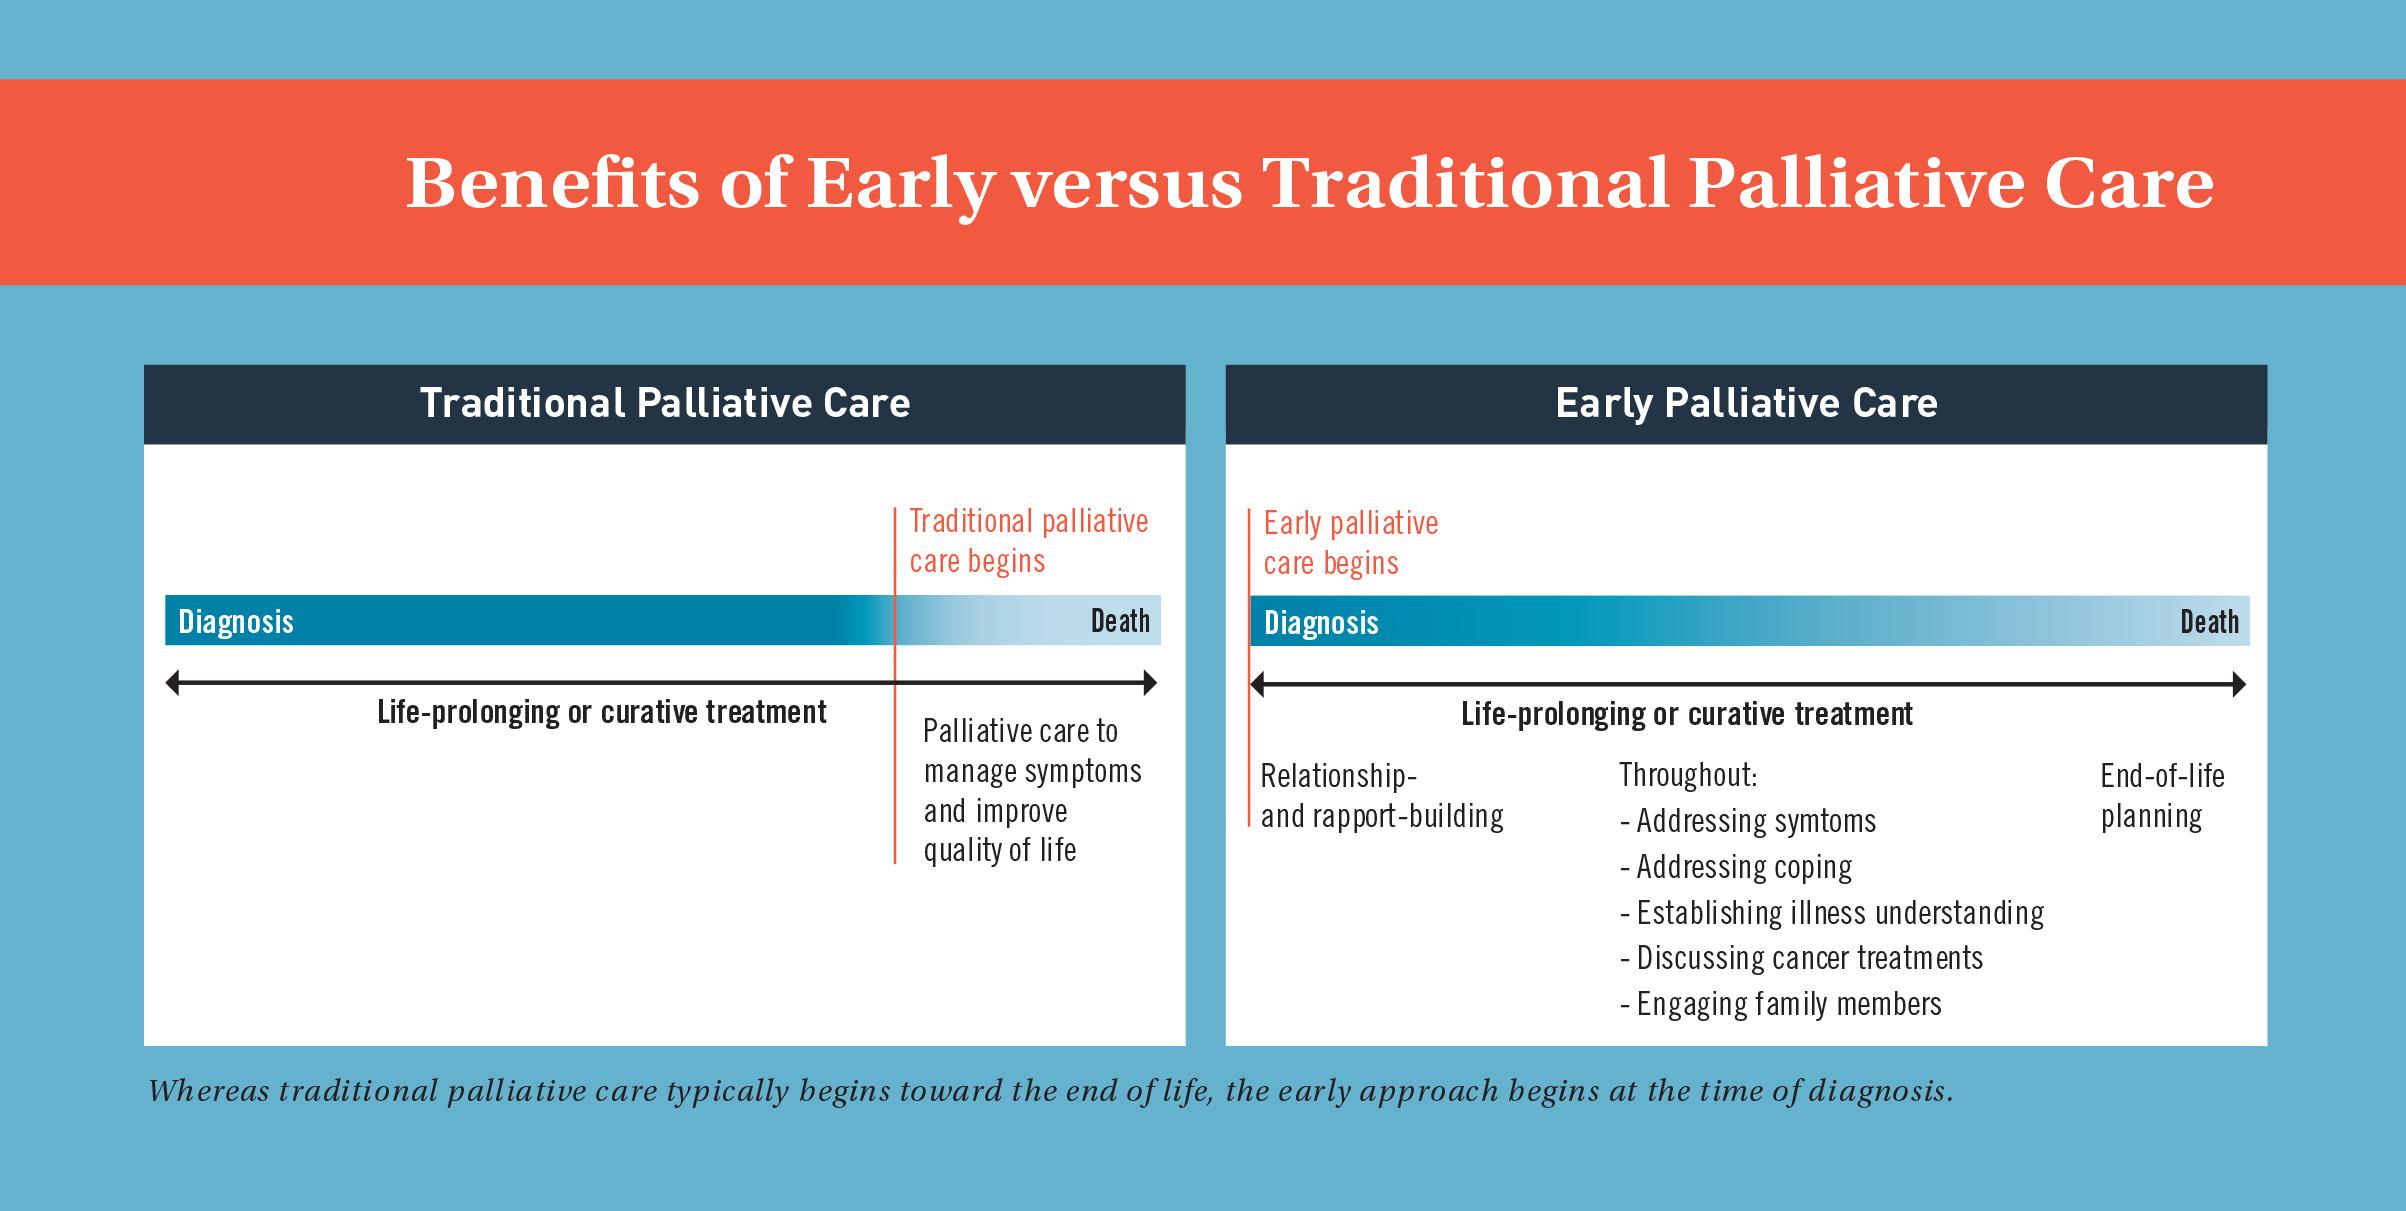 PalliativeCare.Graphic c